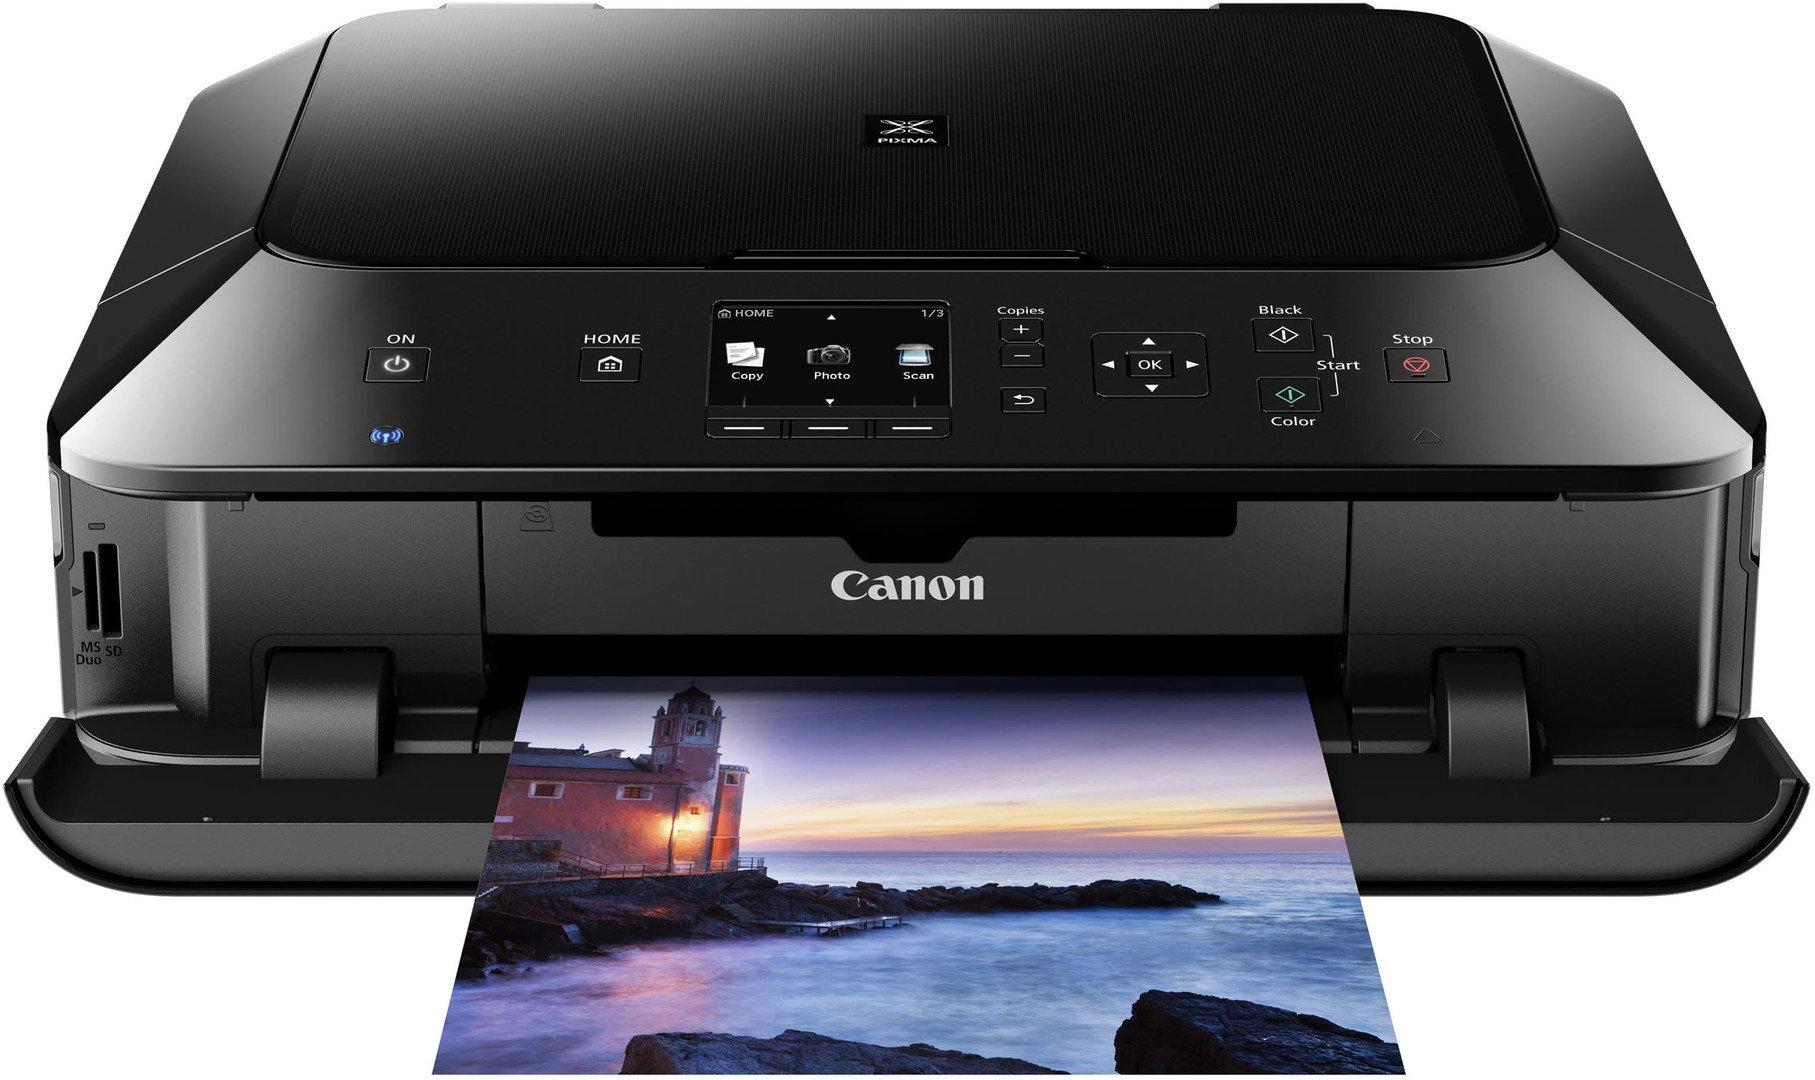 Scegliere la stampante Canon con il miglior rapporto qualità prezzo